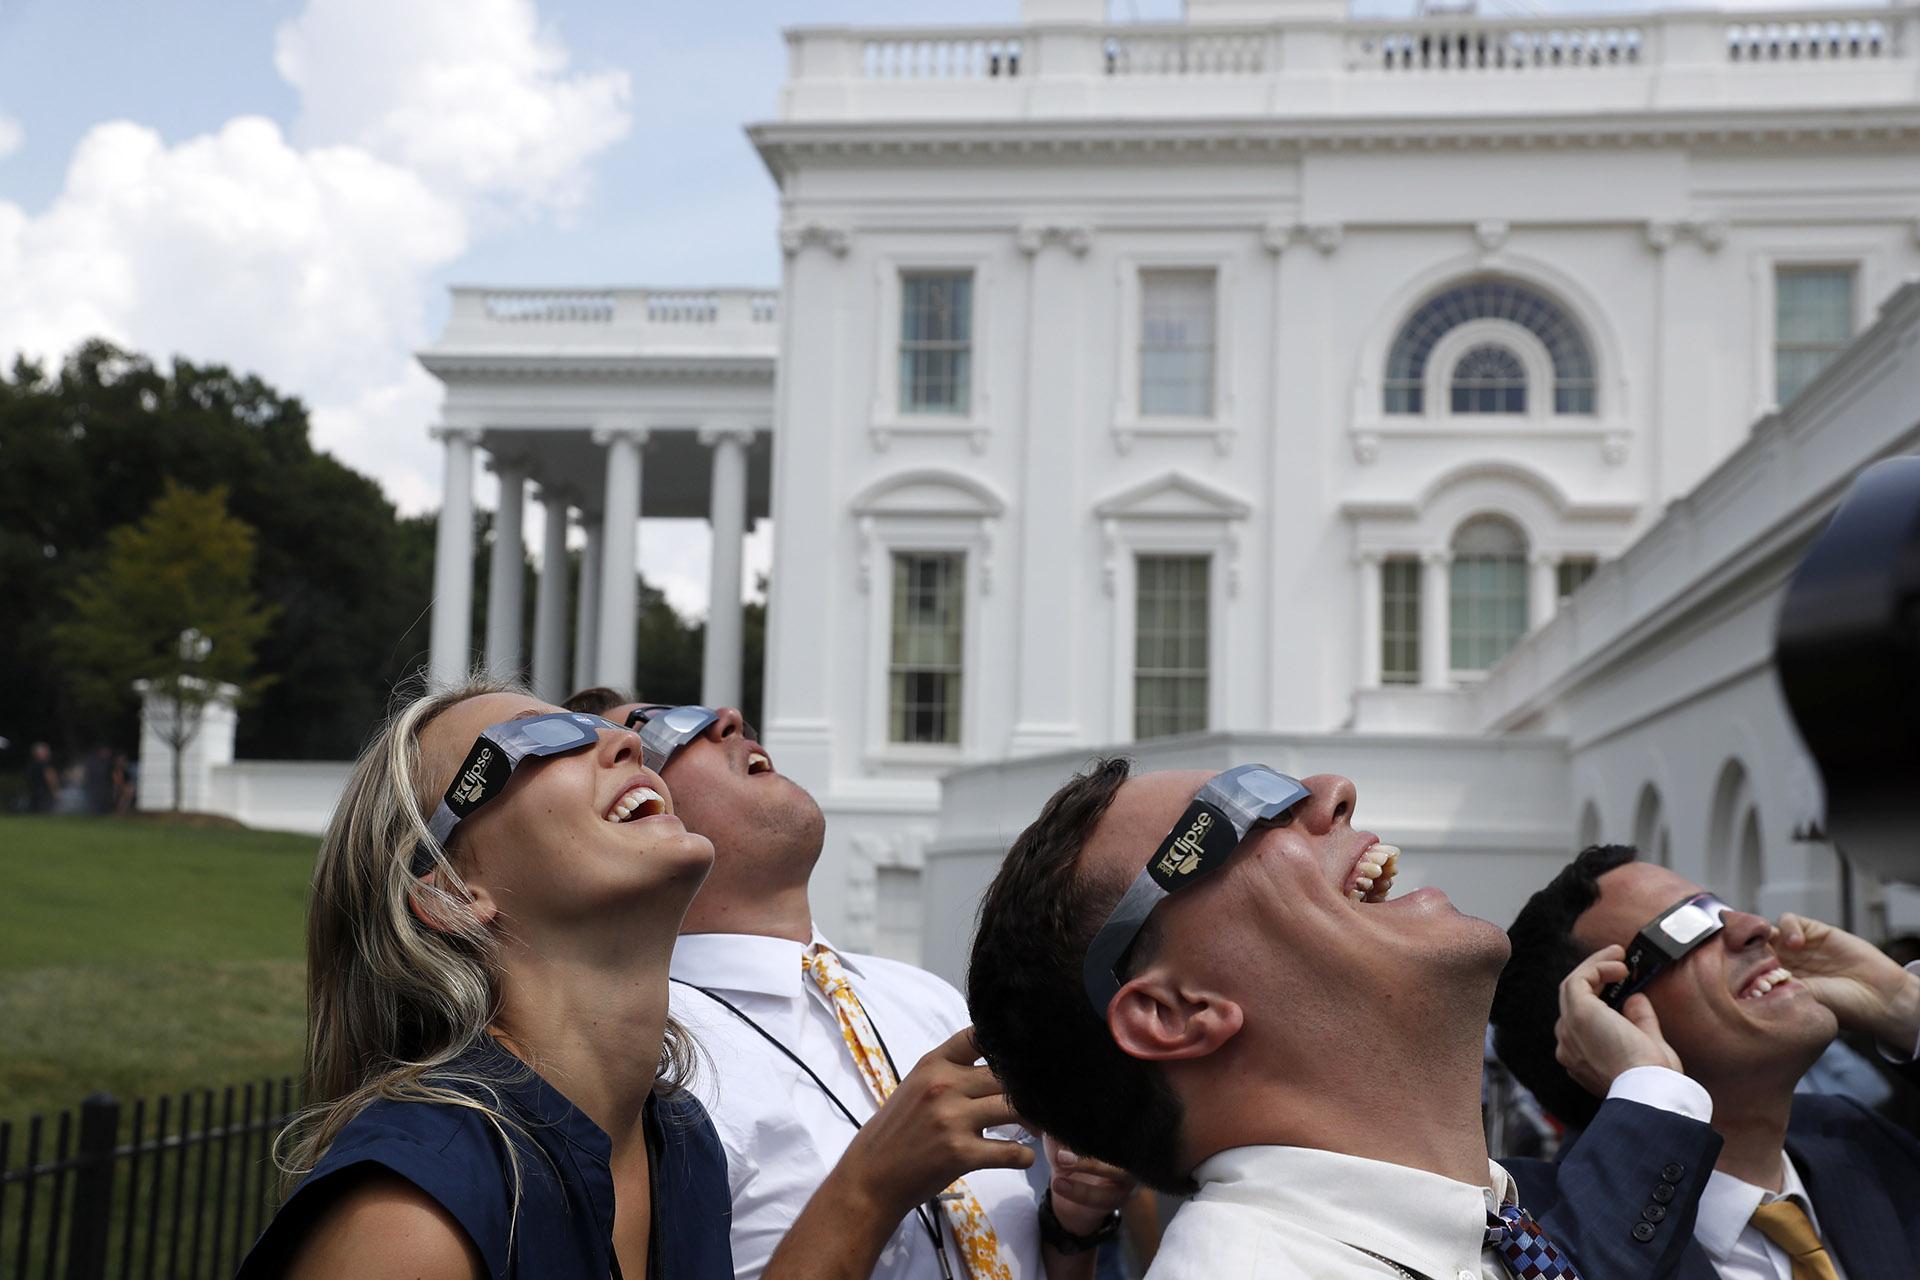 El personal de la Casa Blanca sonríe mientras observan el eclipse con gafas solares